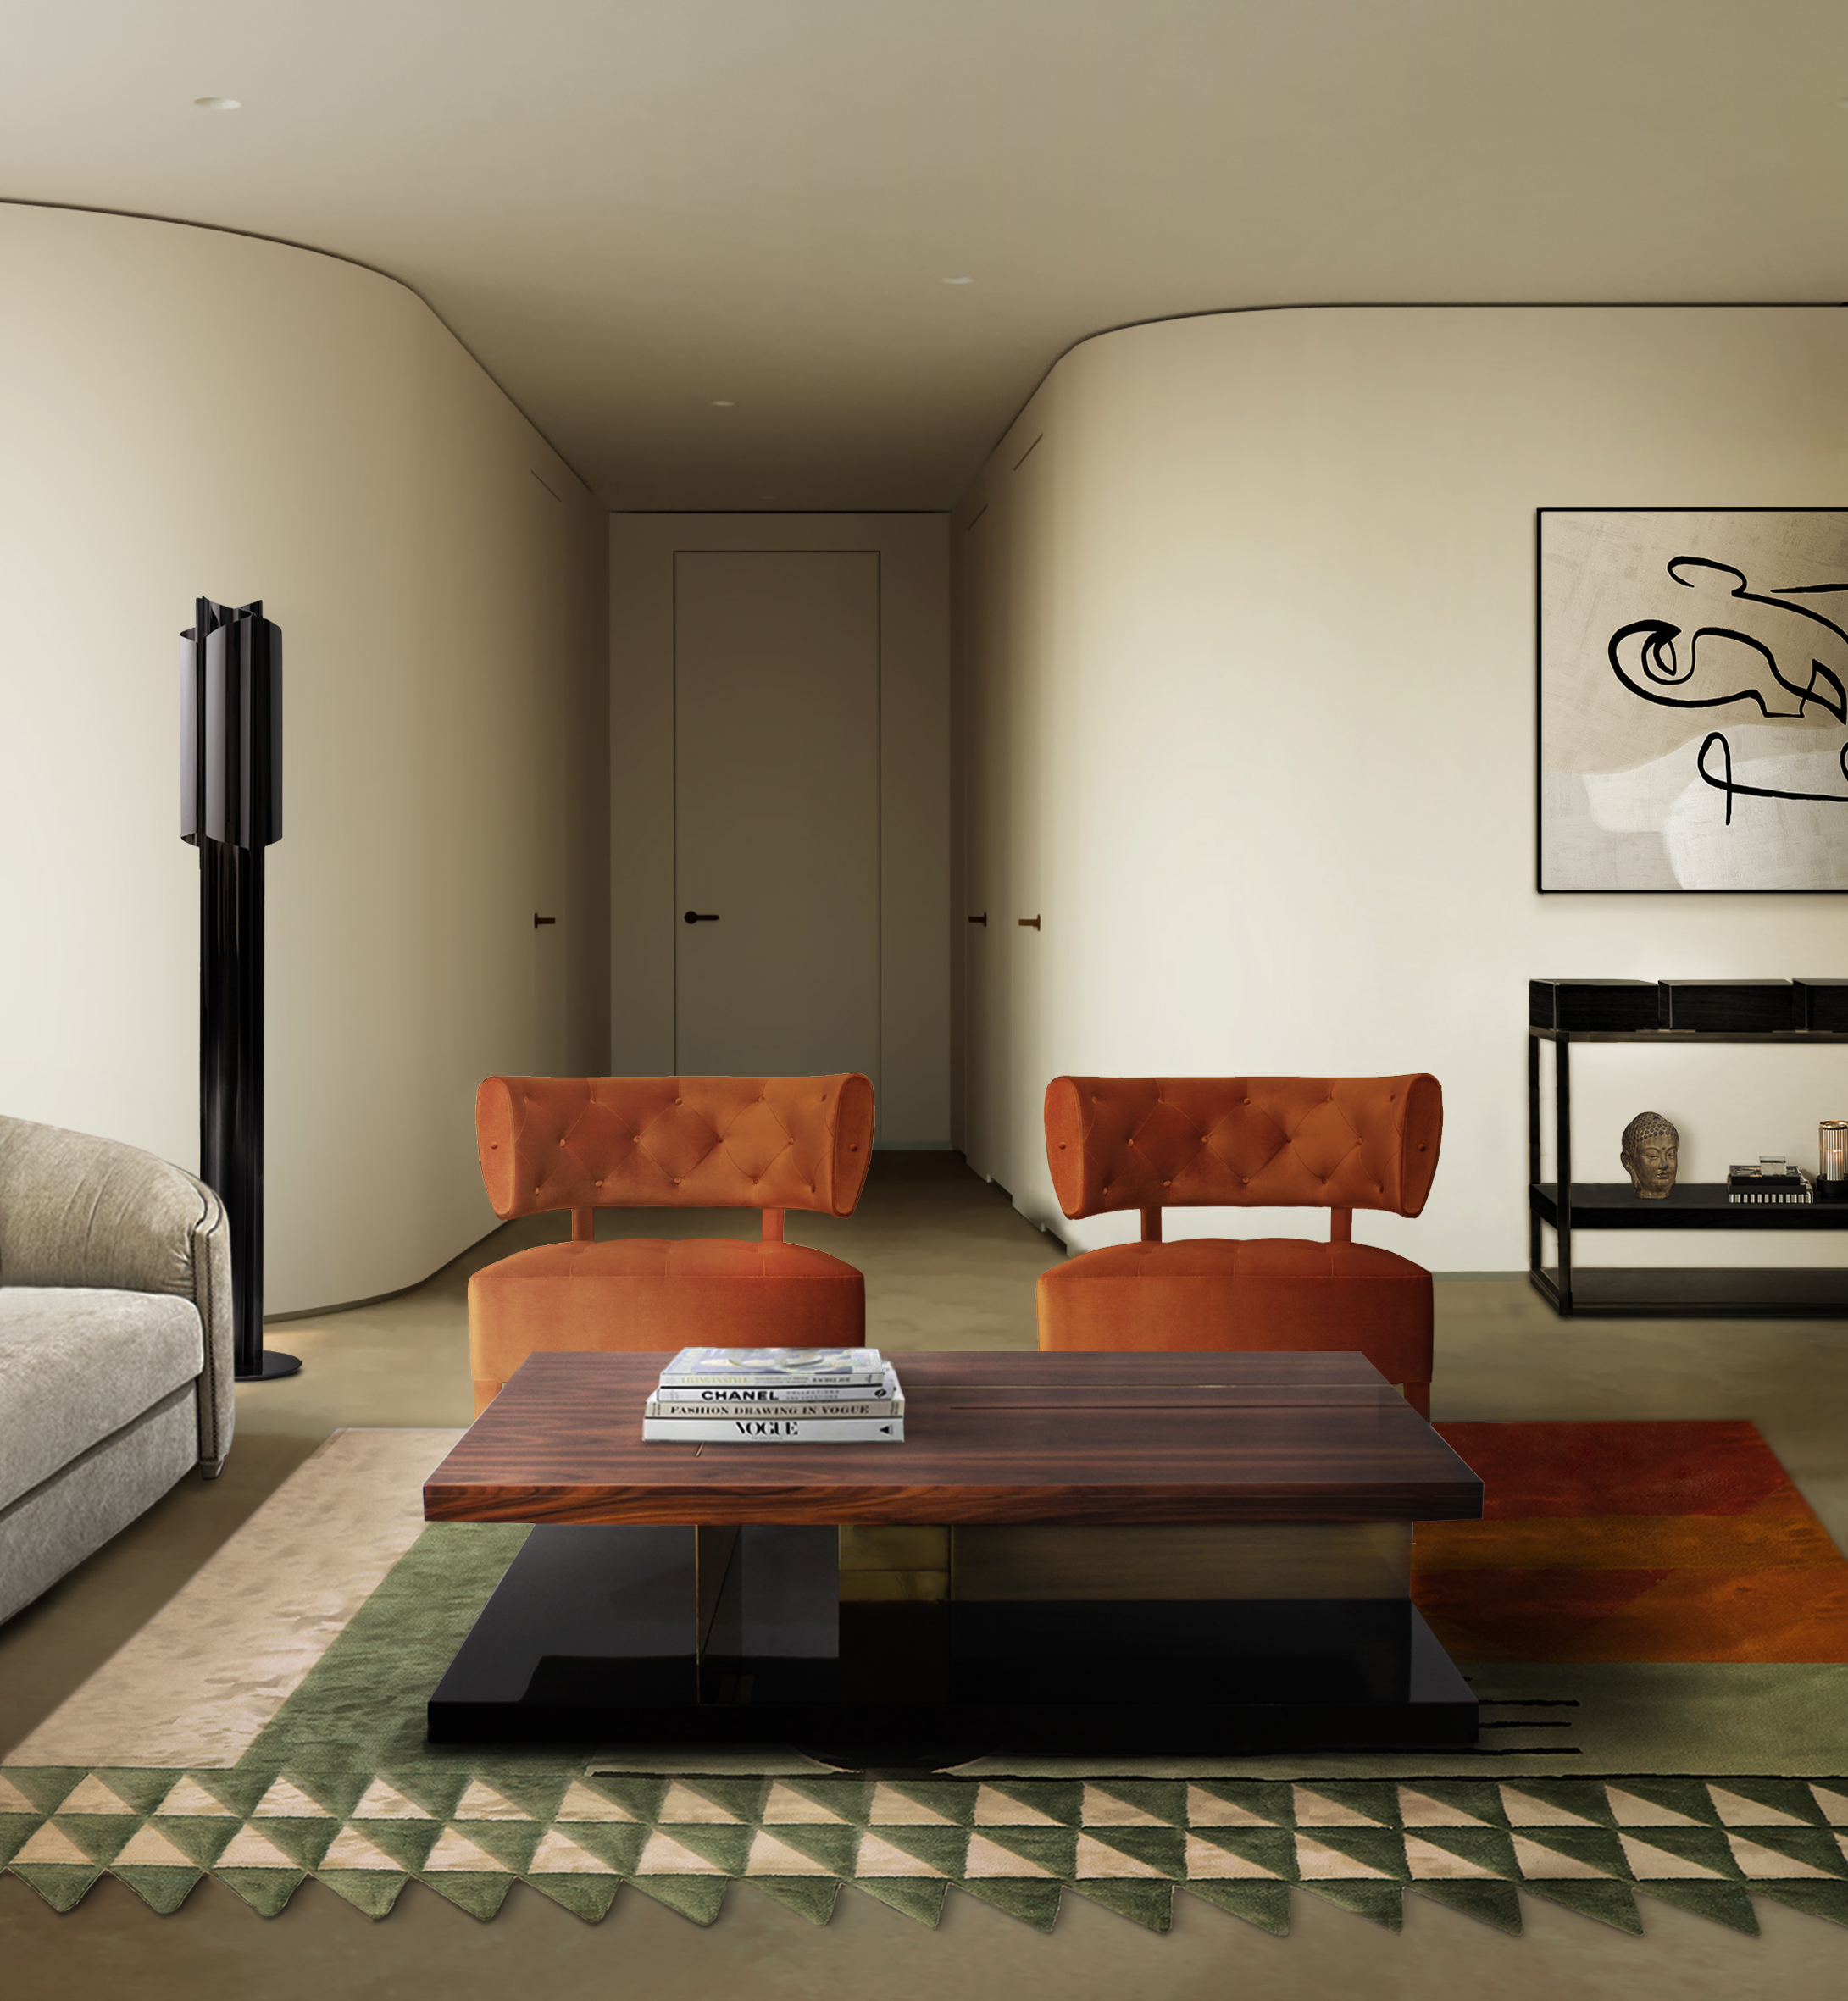 2021 Interior Design Trends  2021 interior design trends 2021 Interior Design Trends BB zullu armchair lallan center table simba rug